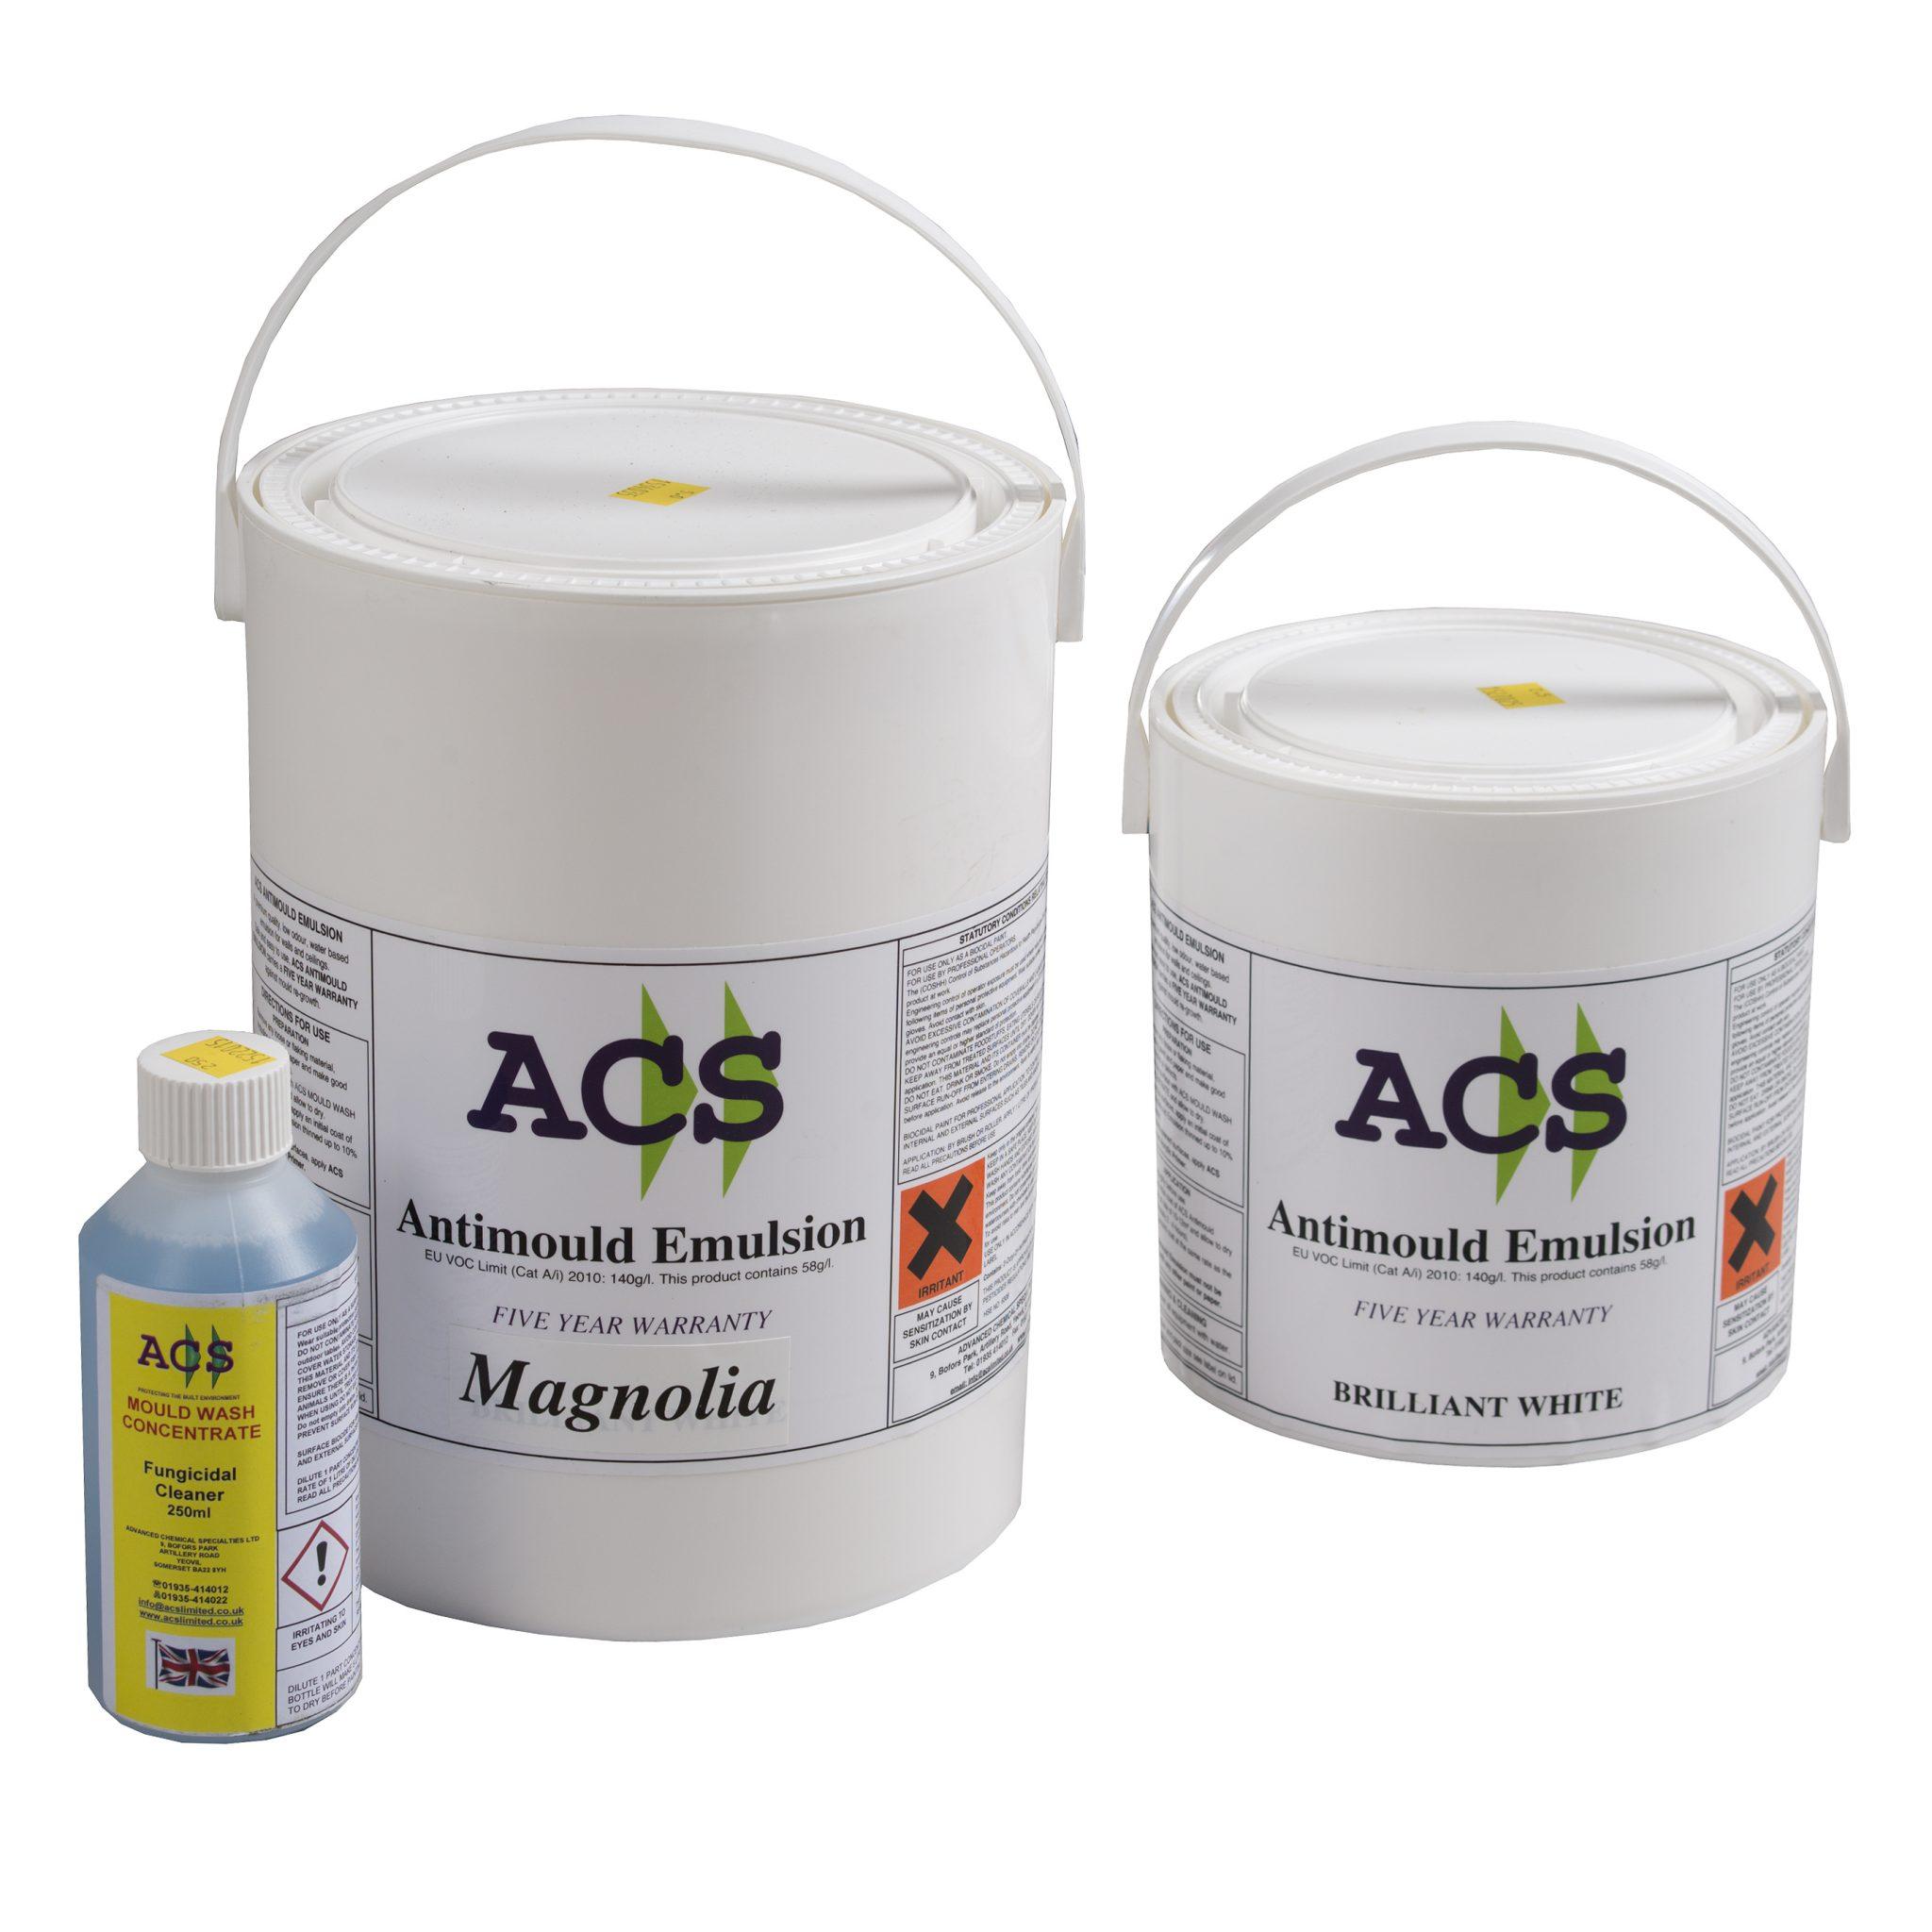 ACS Anti Mould Emulsion Paint Kit